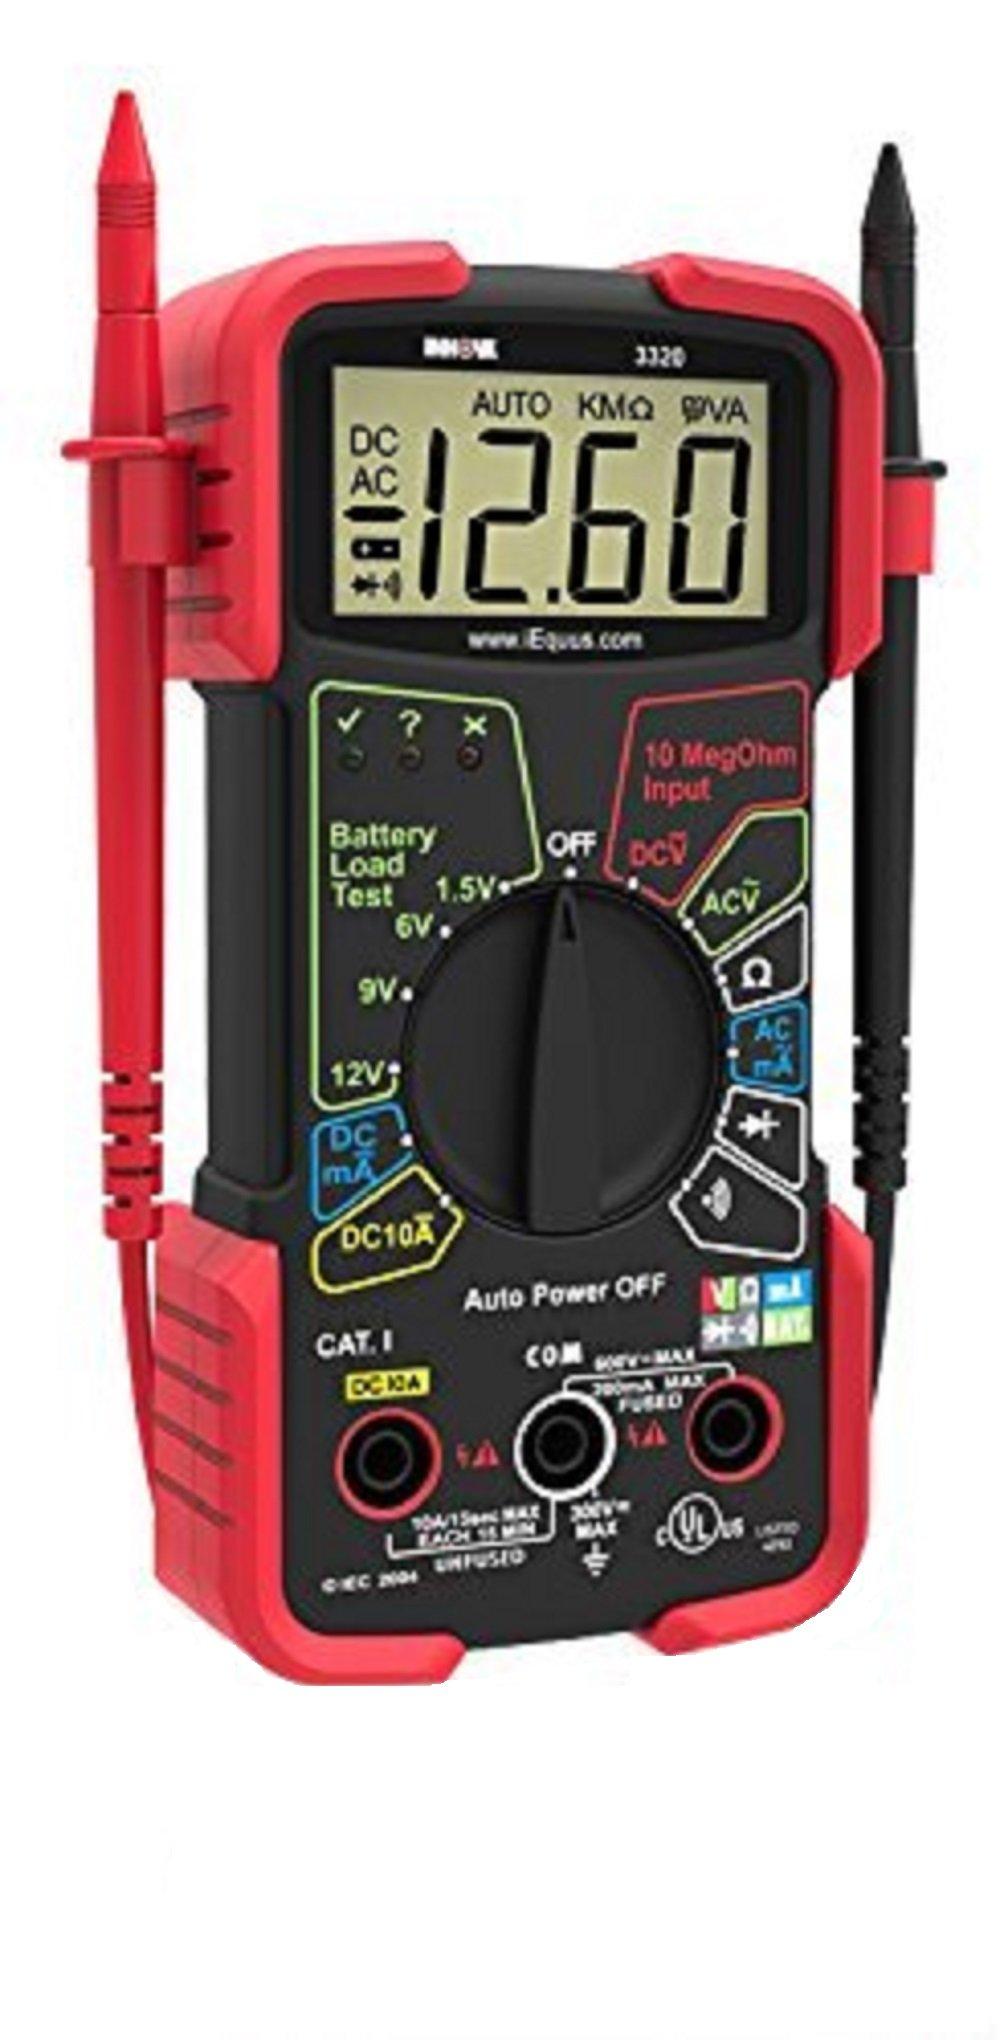 Innova 3320 Auto-Ranging Digital Multimeter